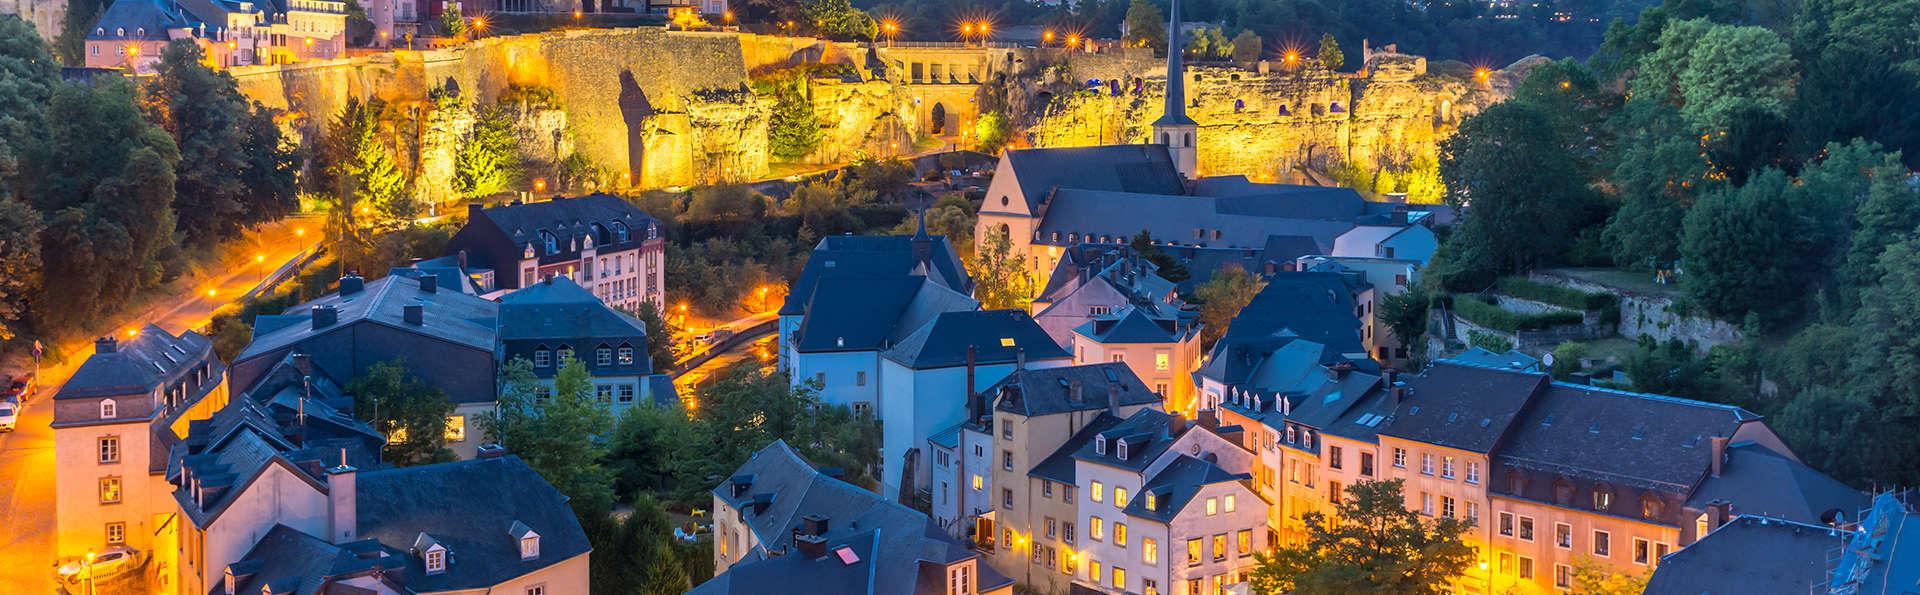 Citytrip à Luxembourg-Ville (à partir de 2 nuits)